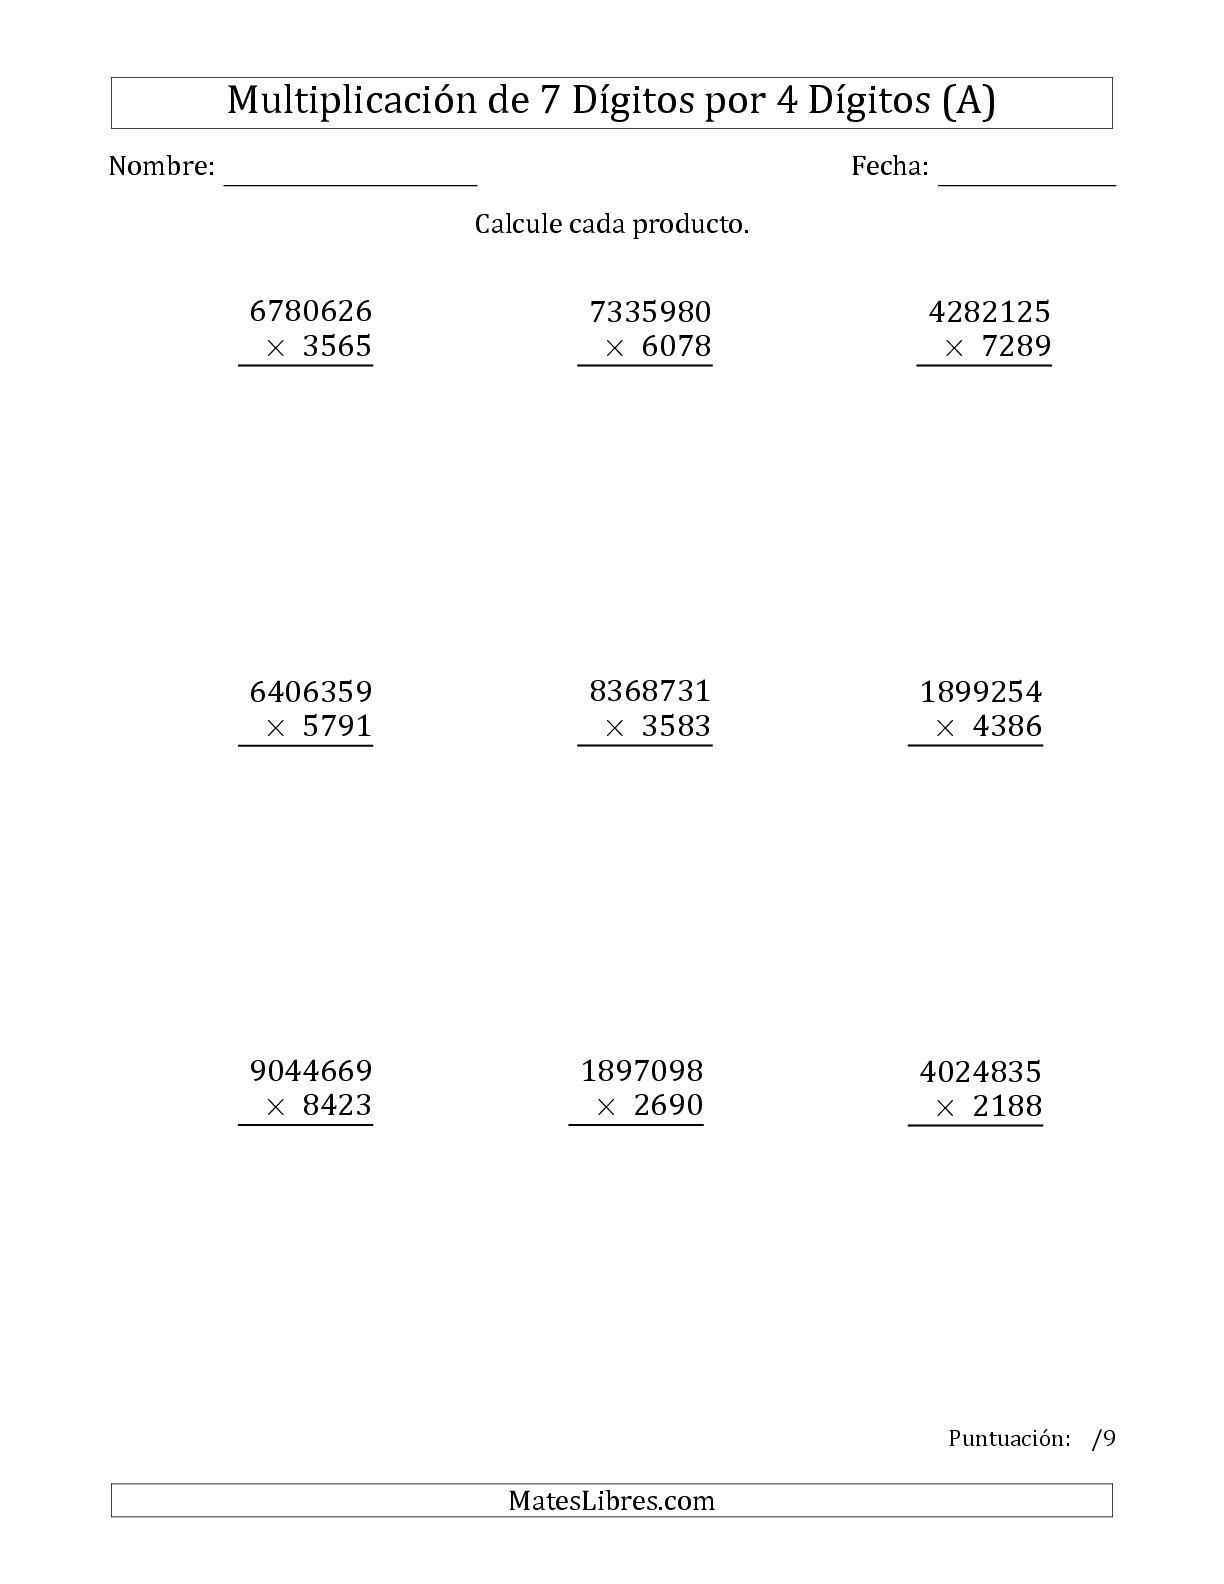 La Multiplicar Números de 7 Dígitos por 4 Dígitos (A) Hoja de Ejercicio de Multiplicación Larga